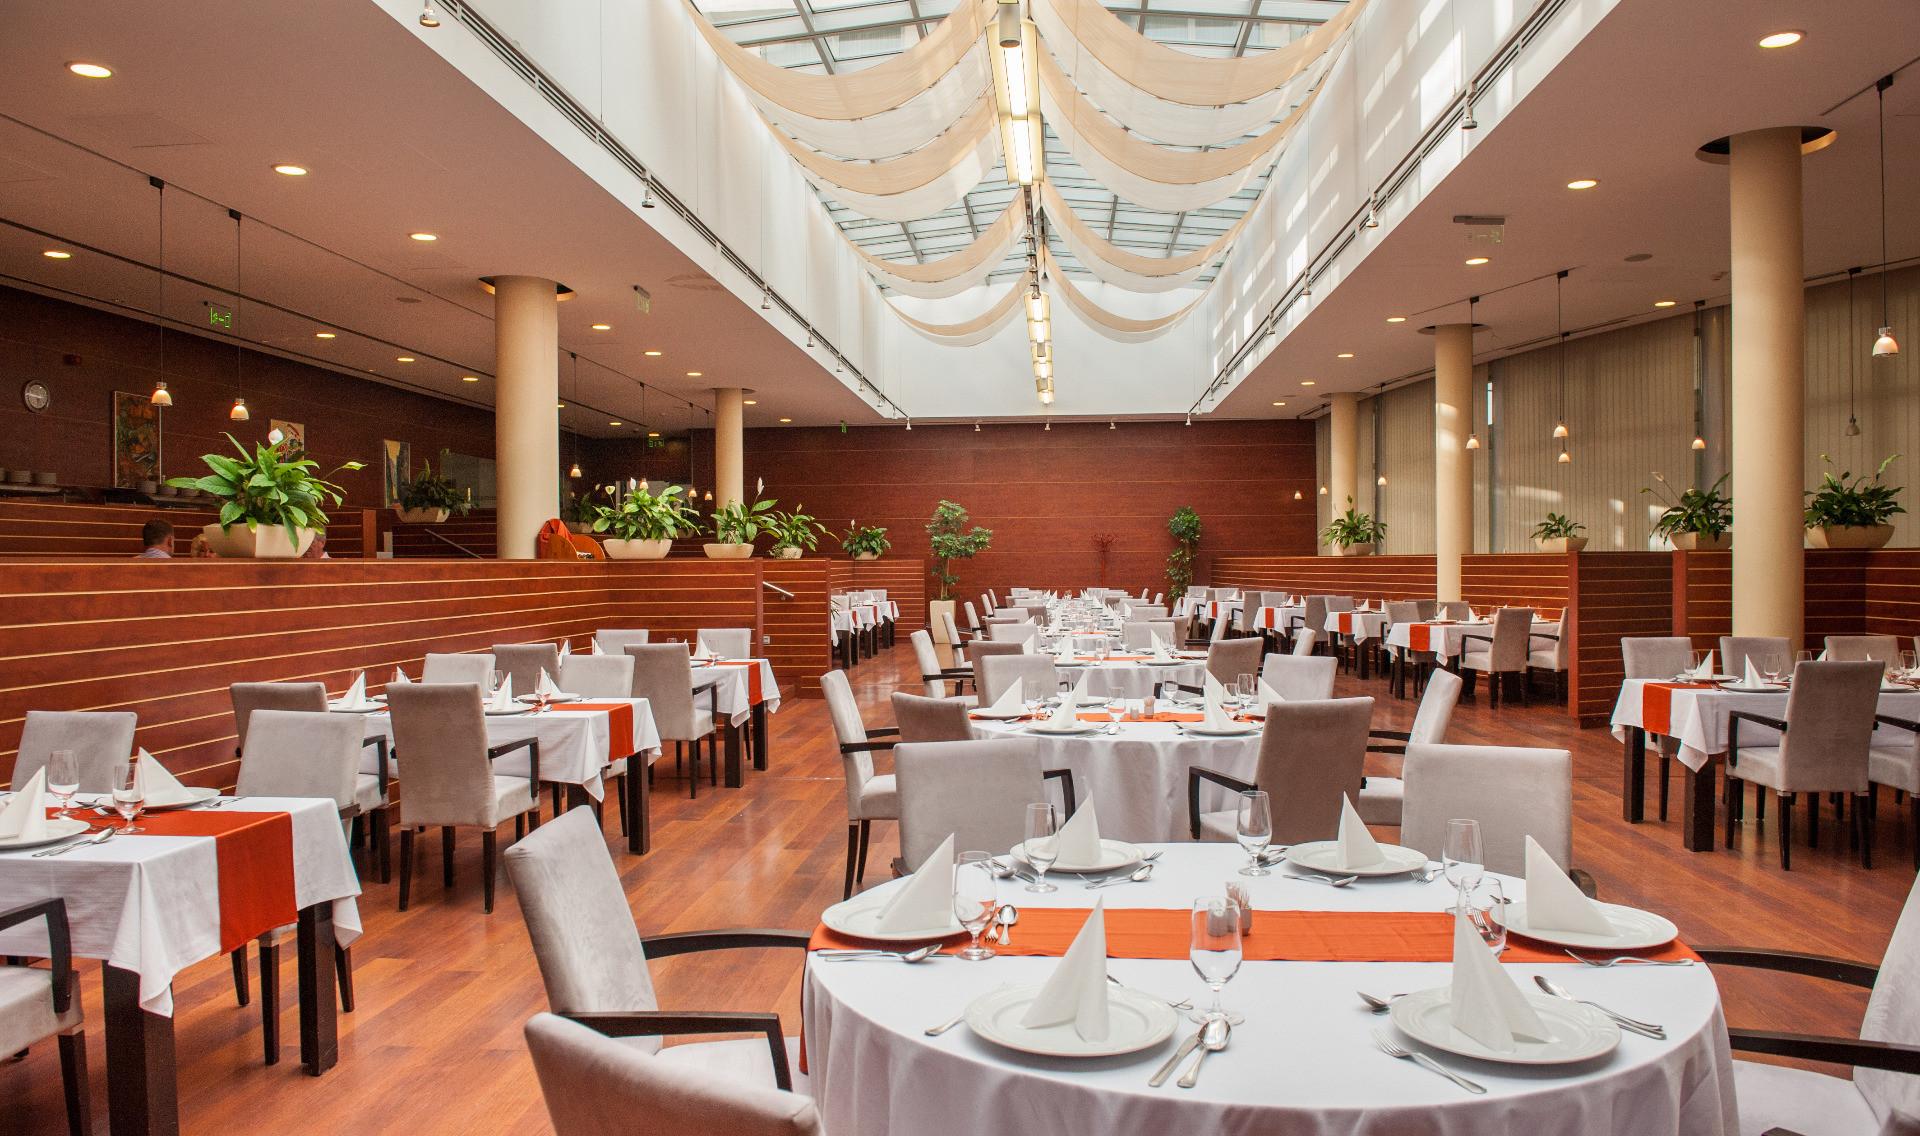 Átrium Restaurant